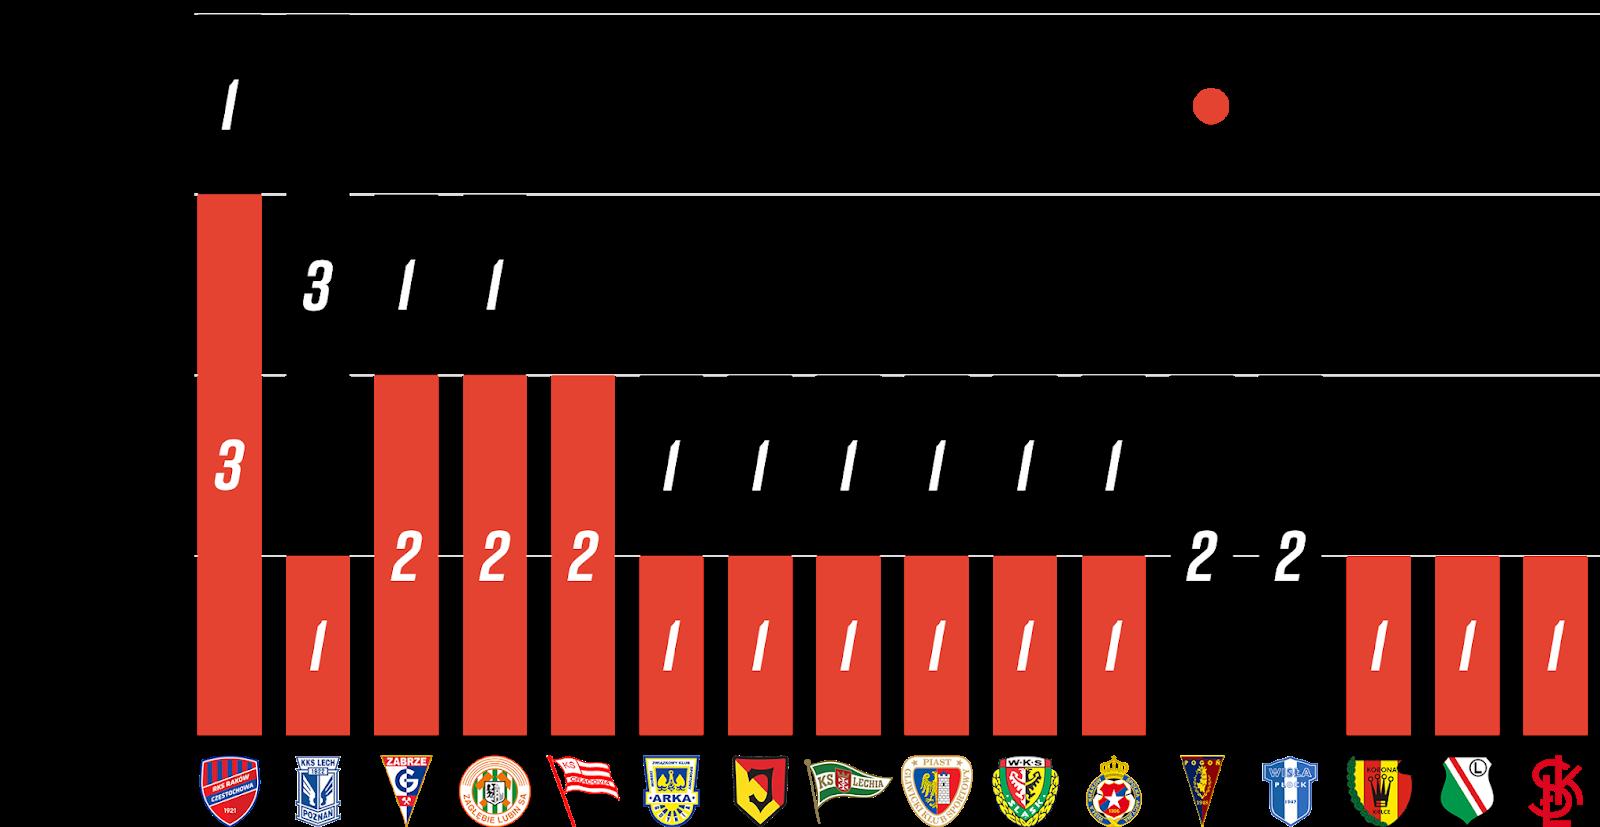 Młodzieżowcy w 5. kolejce PKO Ekstraklasy<br><br>Źródło: Opracowanie własne na podstawie ekstrastats.pl i 90minut.pl<br><br>graf. Bartosz Urban